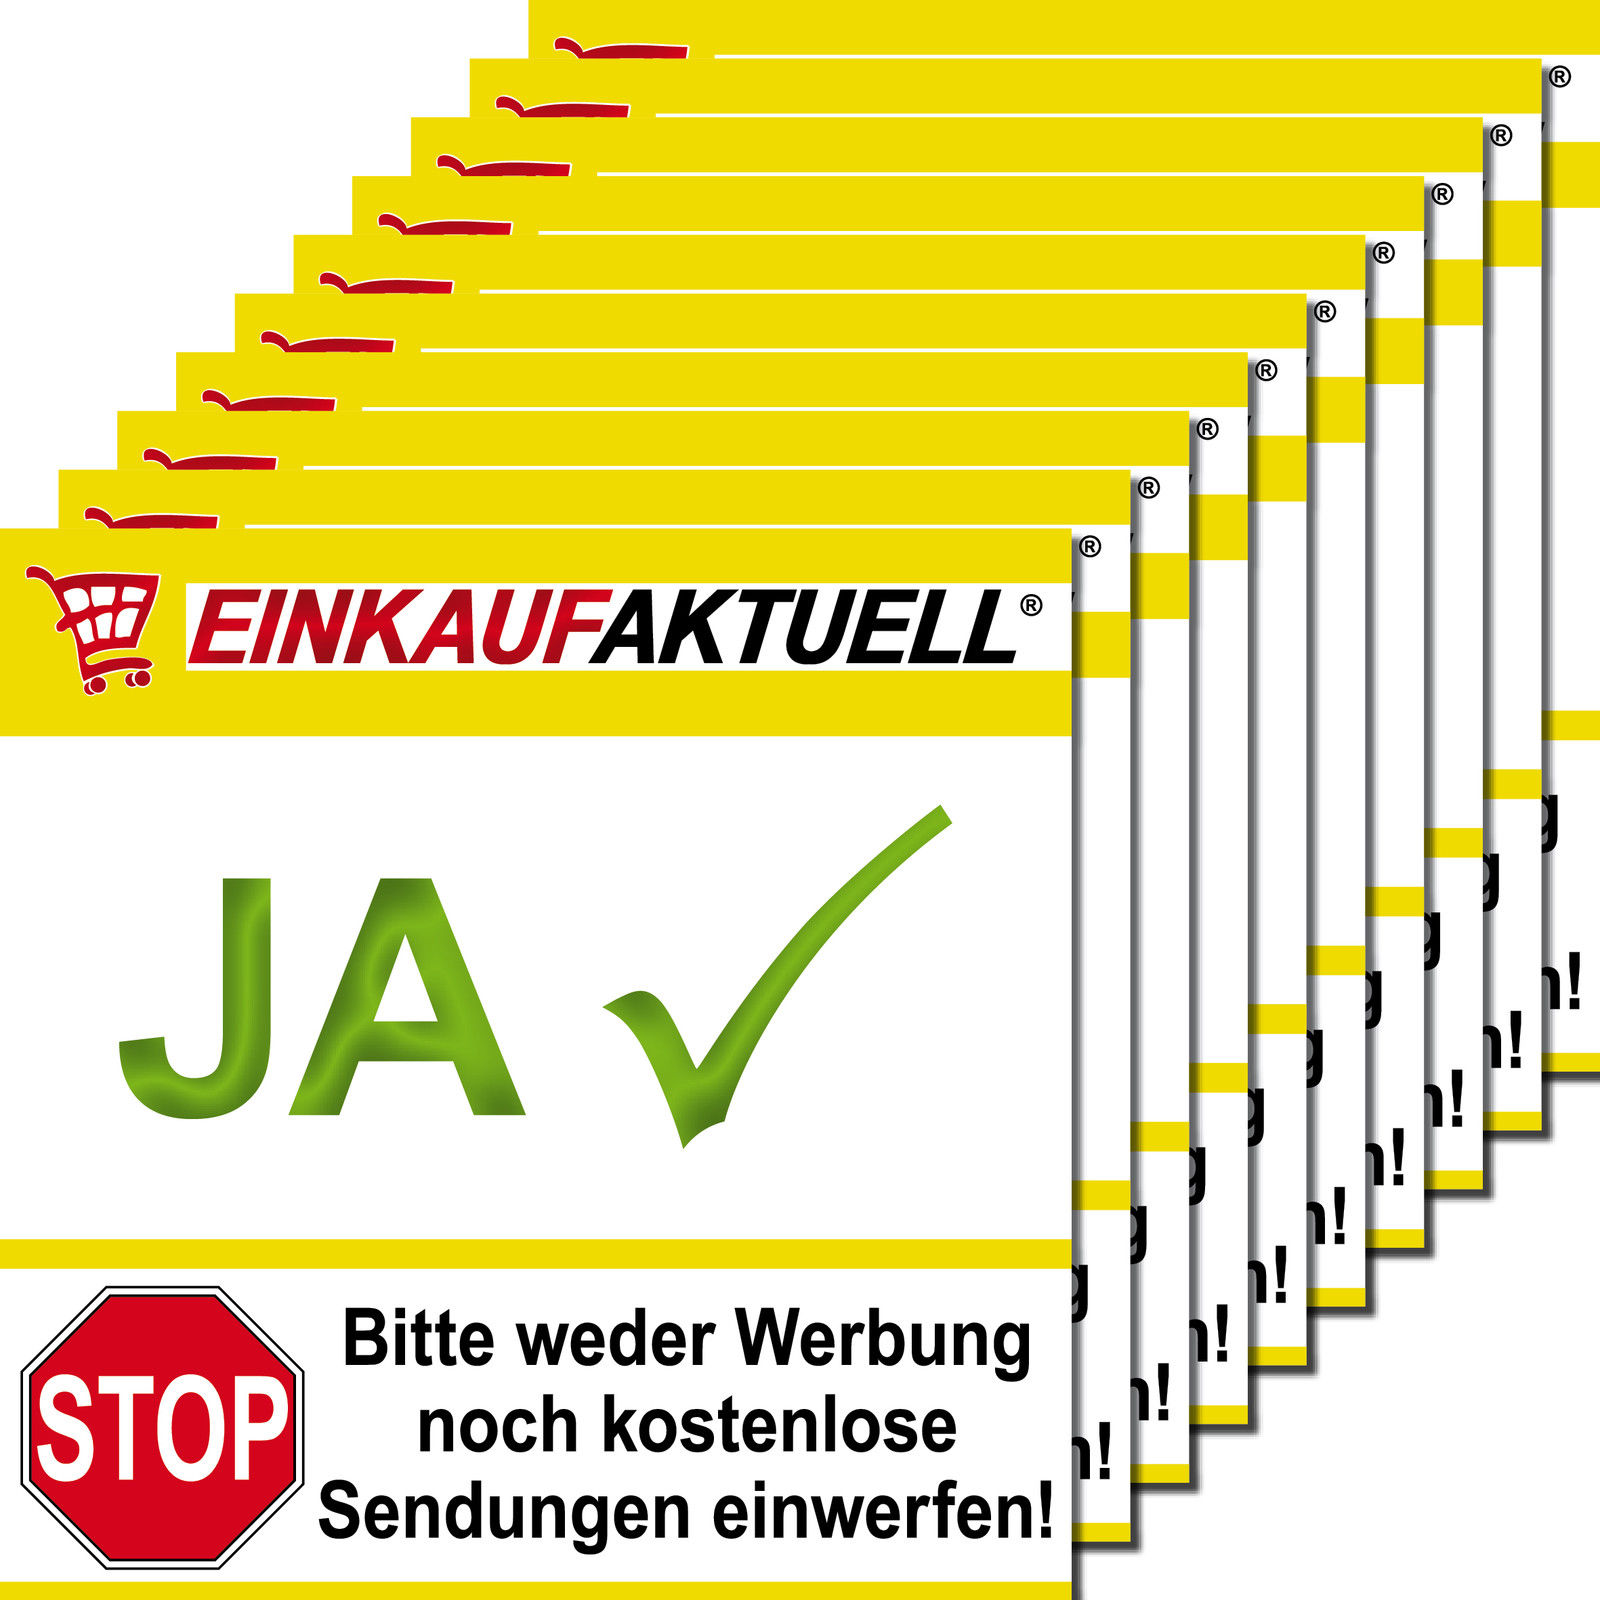 10 Briefkasten Aufkleber 5cm Keine Werbung Reklame Zeitung Nur Ja Einkaufaktuell